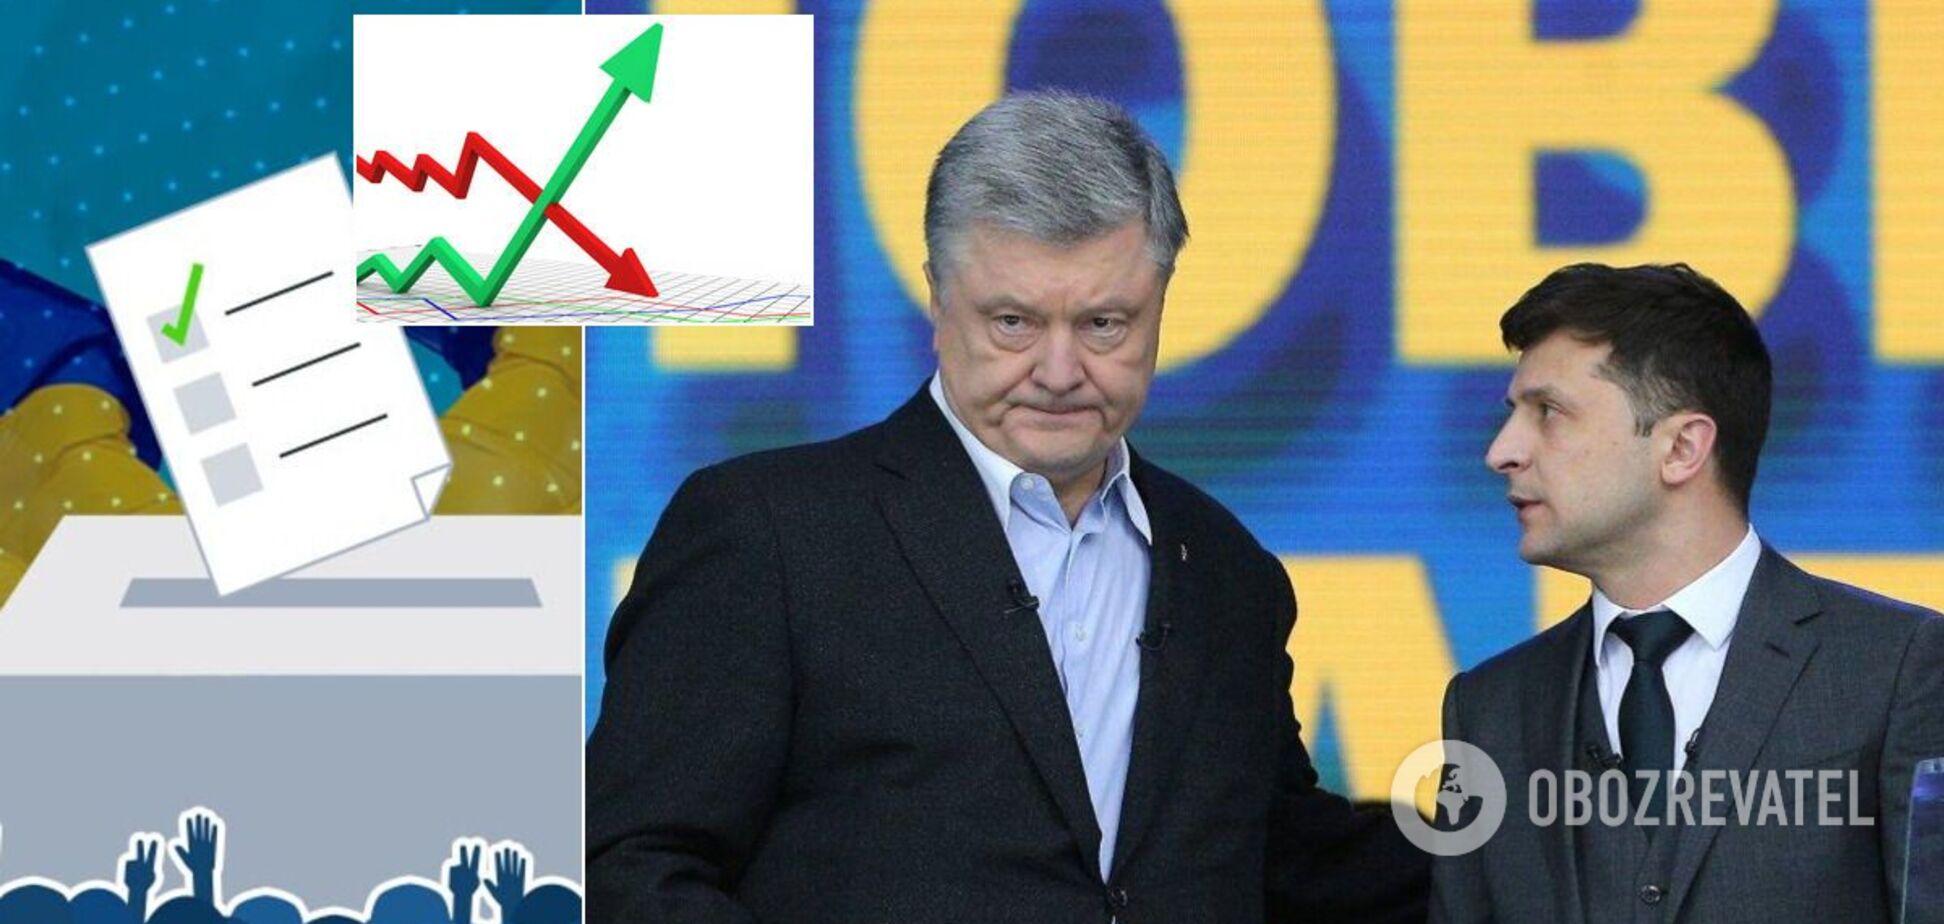 Зеленський у другому турі втратив 18%, Порошенко на 20% зріс – рейтинг КМІС